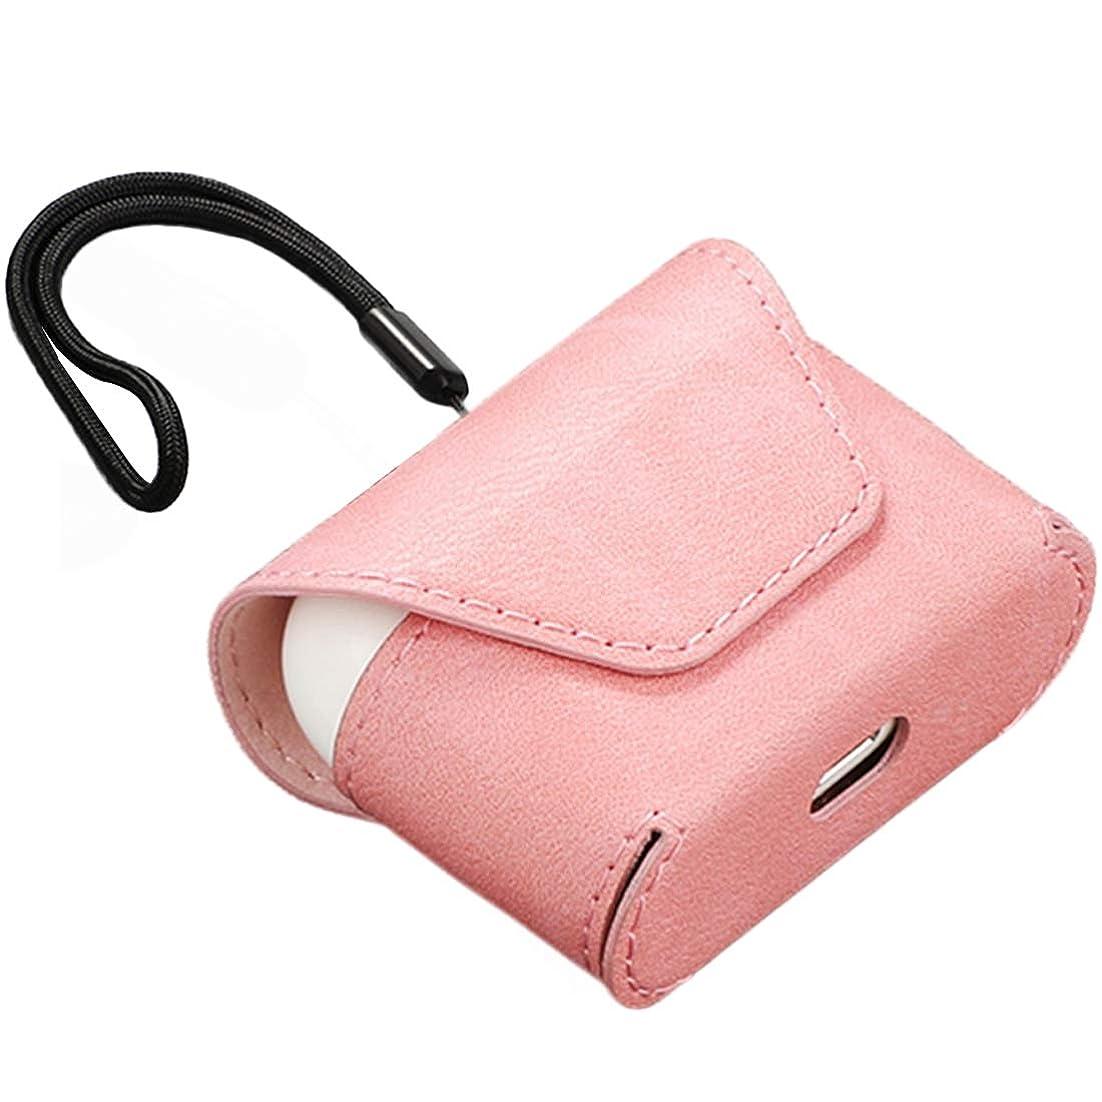 限界圧力丁寧airpods pro 対応 レザー収納ケース マグネット式 ストラップ付き 持ち運び便利 充電用穴付き 使用便利 (ピンク)